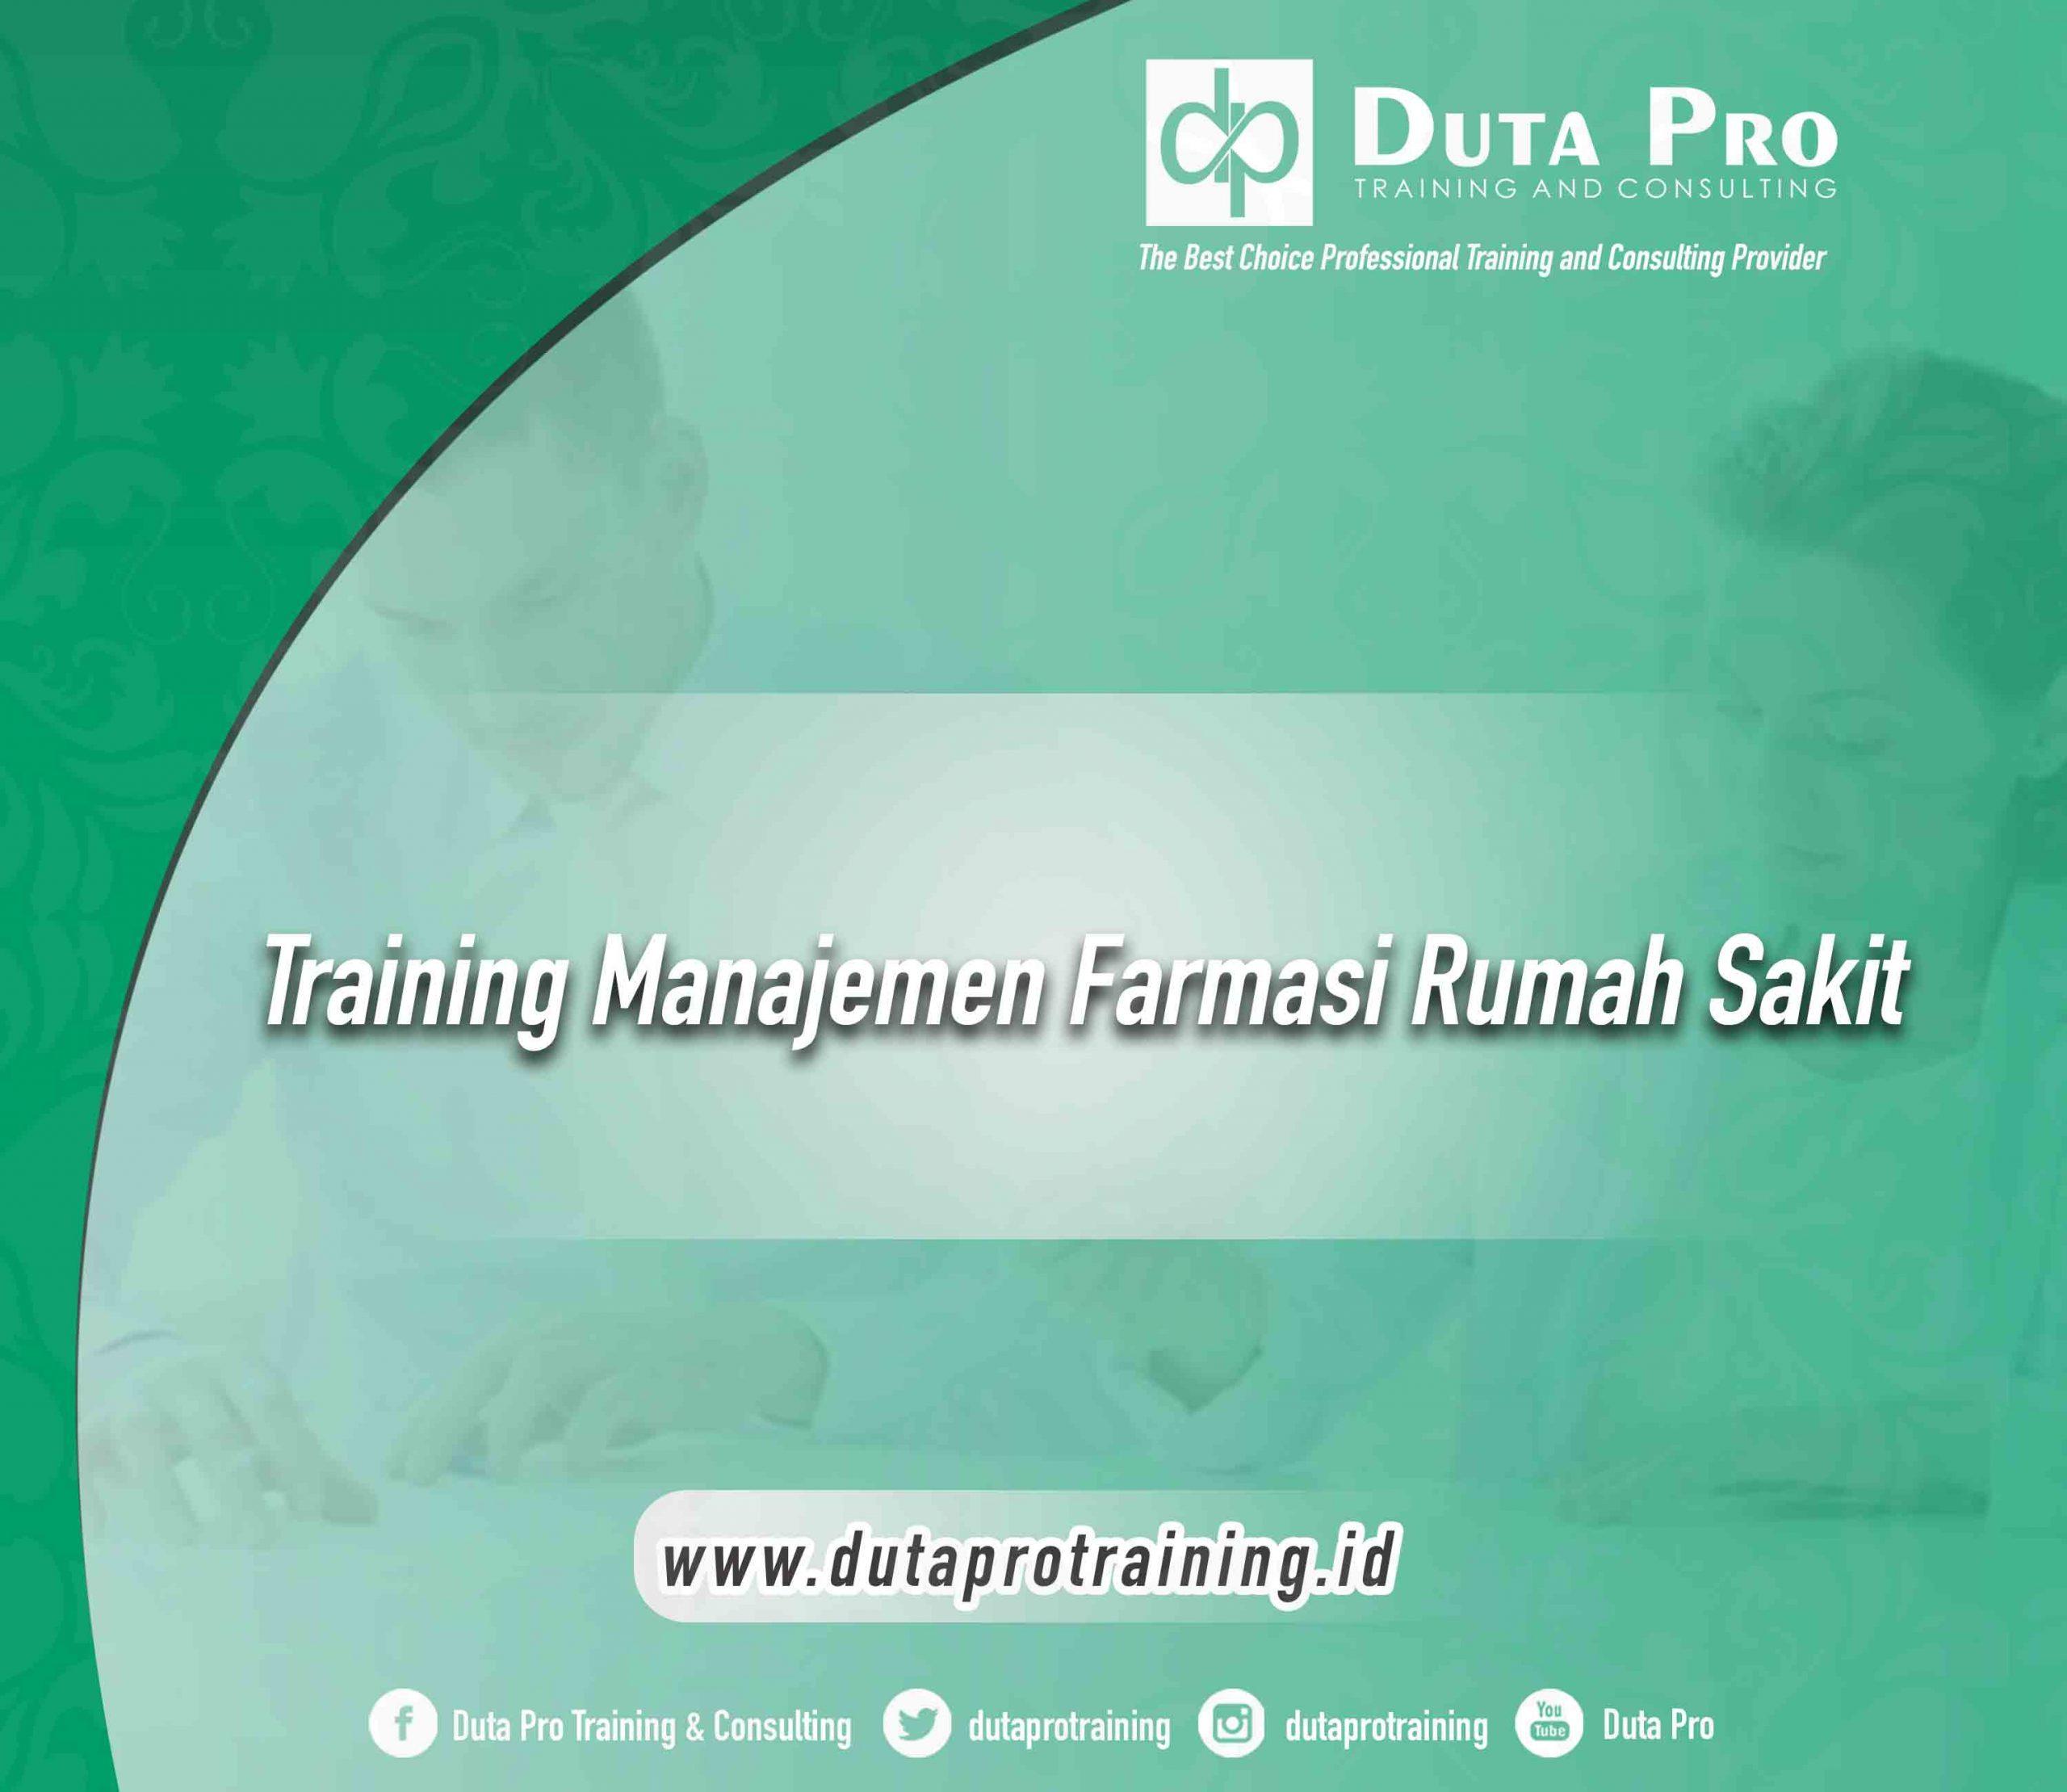 Training Manajemen Farmasi Rumah Sakit